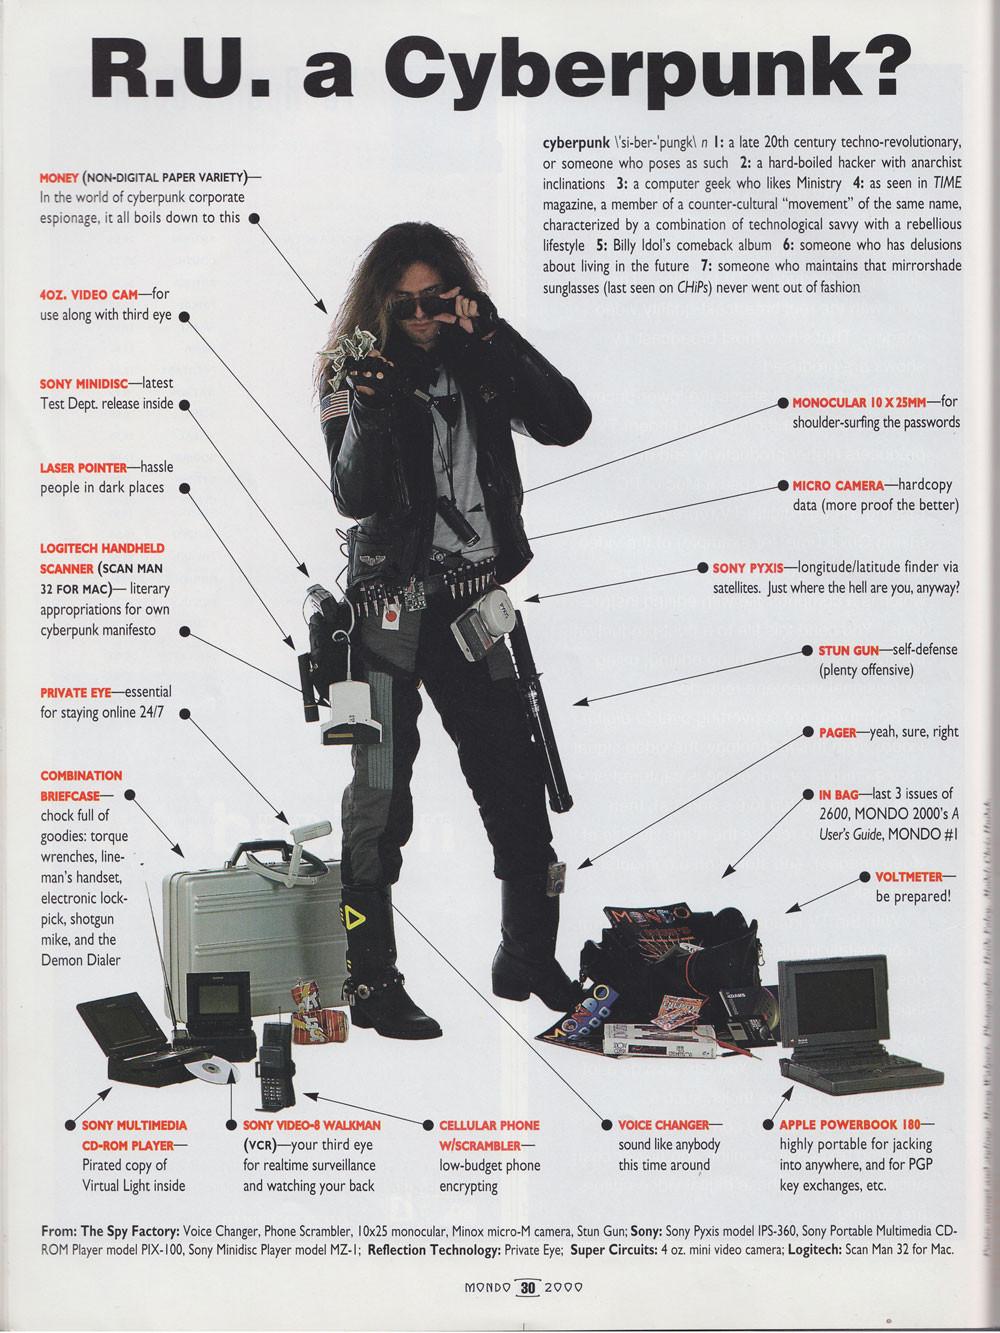 Que si eres Ciberpunk